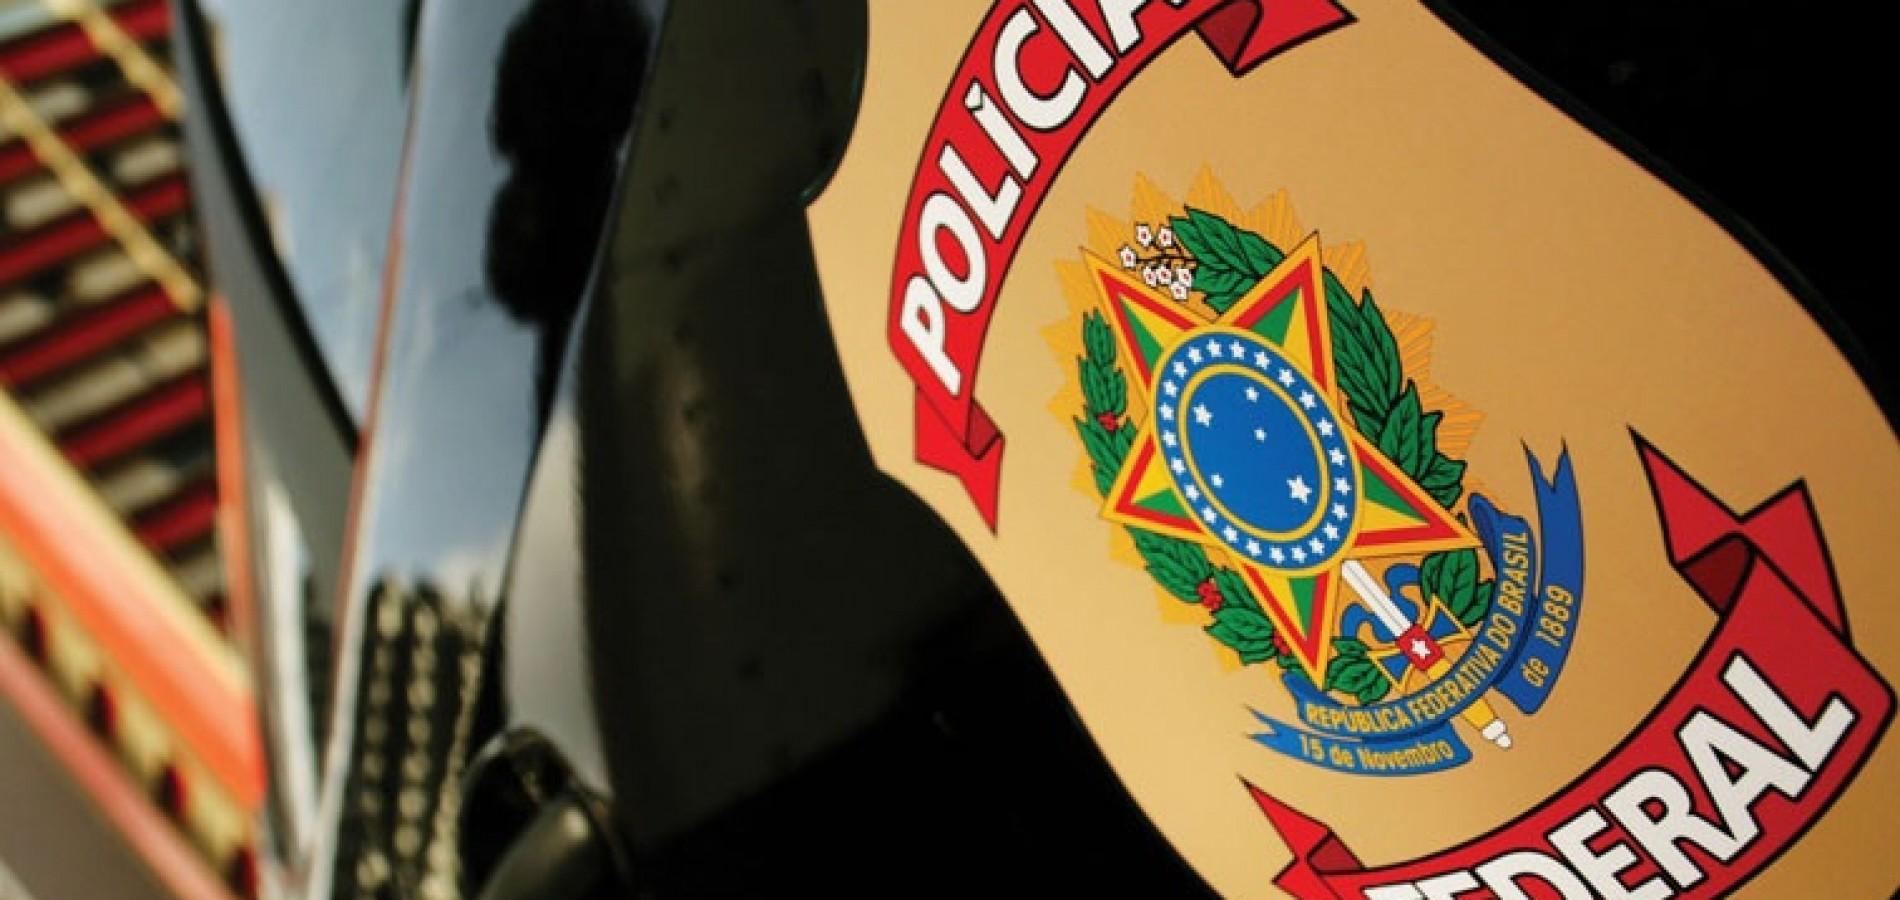 Piauí está entre os Estados com maior suspeitas de crimes cometidos por prefeitos